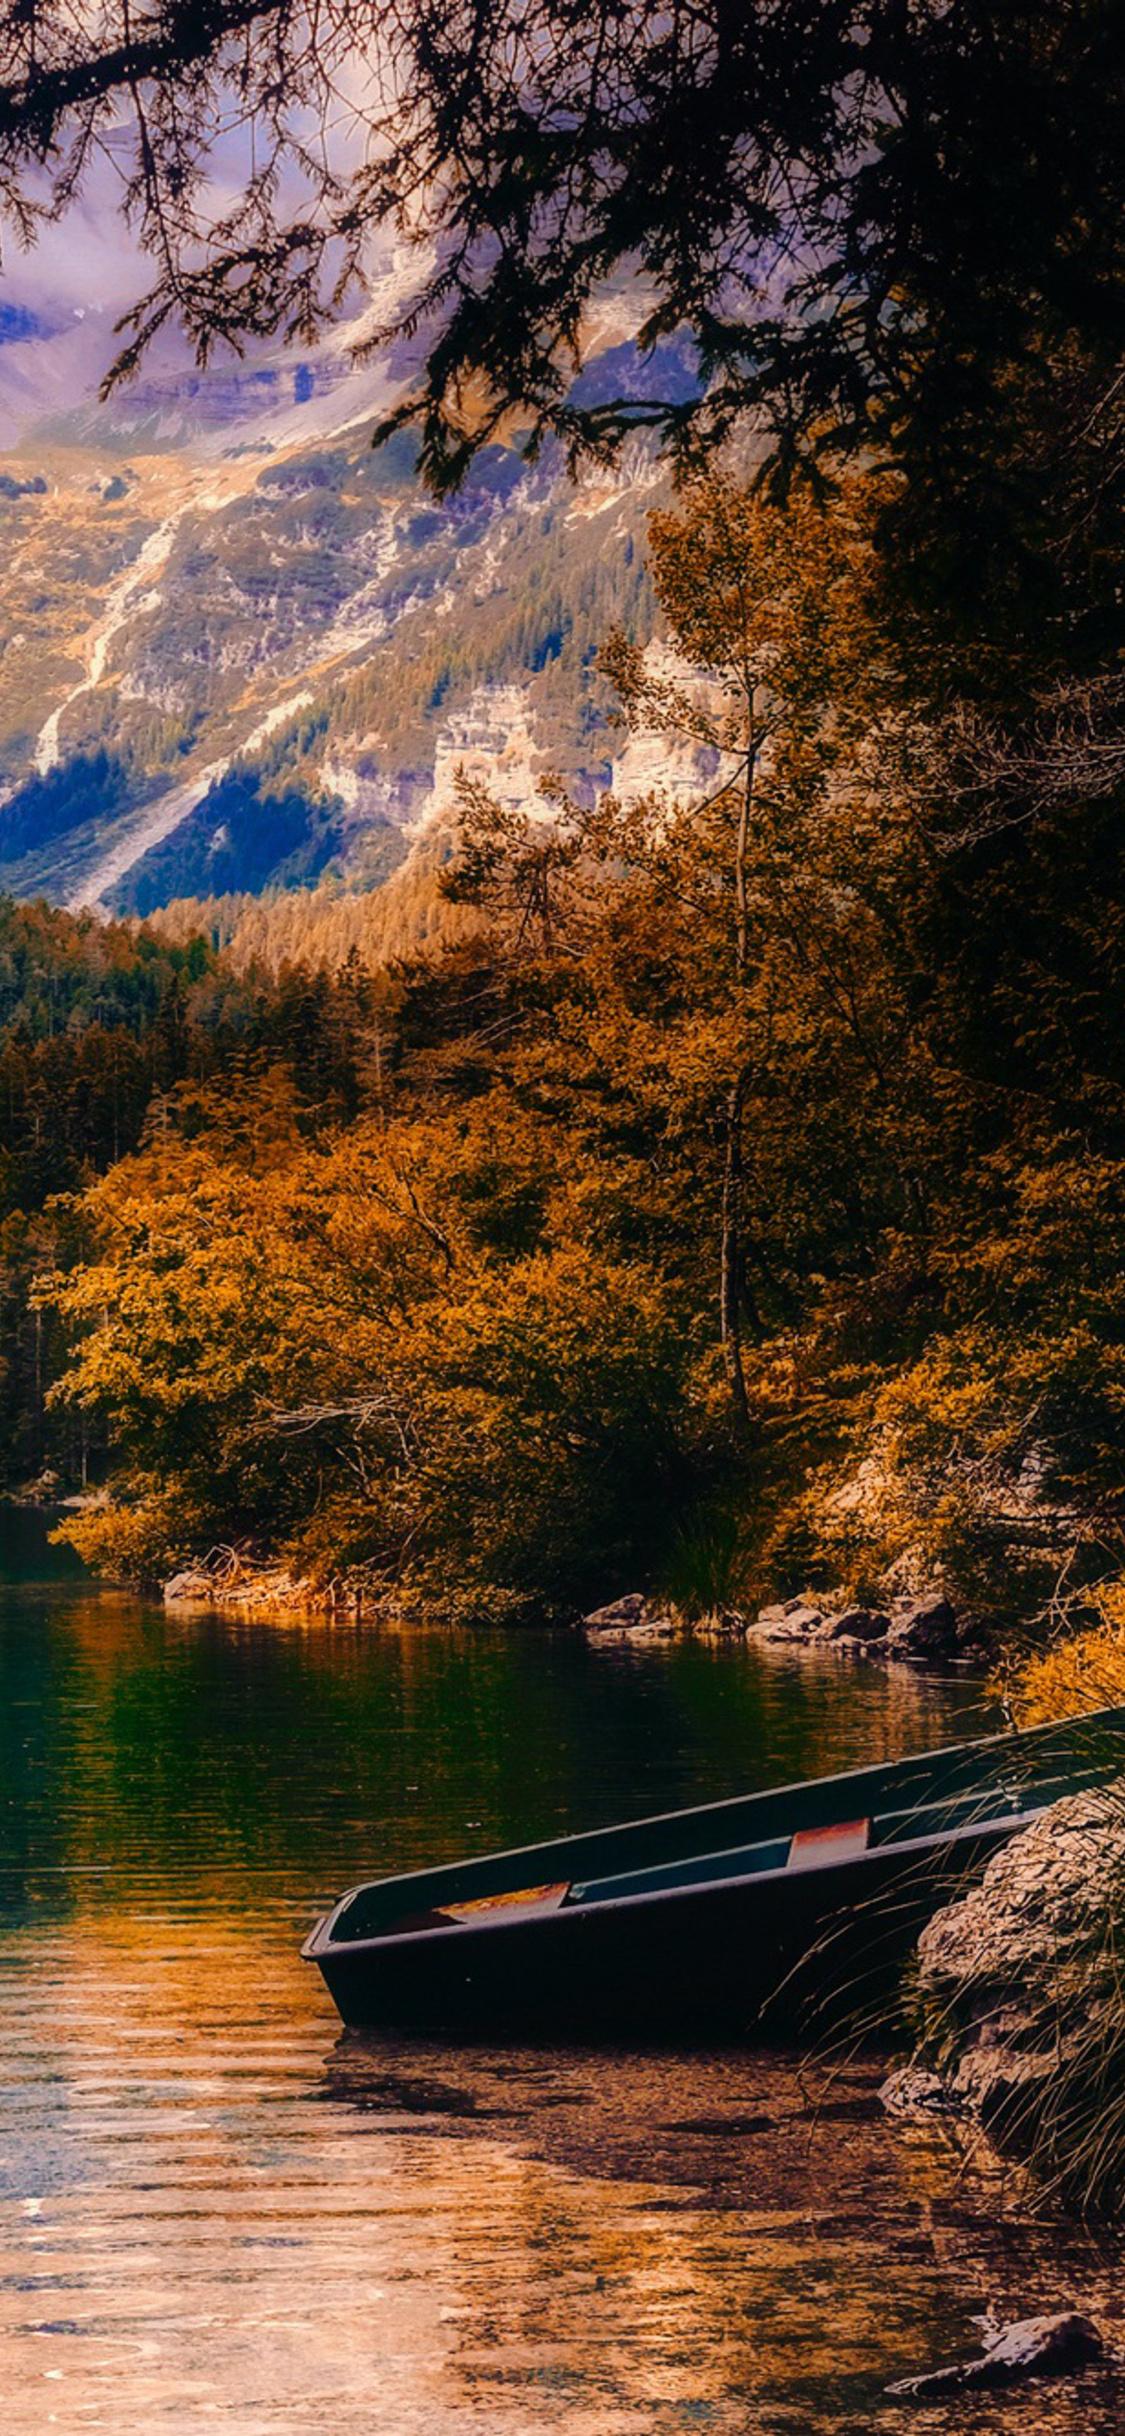 1125x2436 Countryside Beautiful Autumn Season Sunset Boat